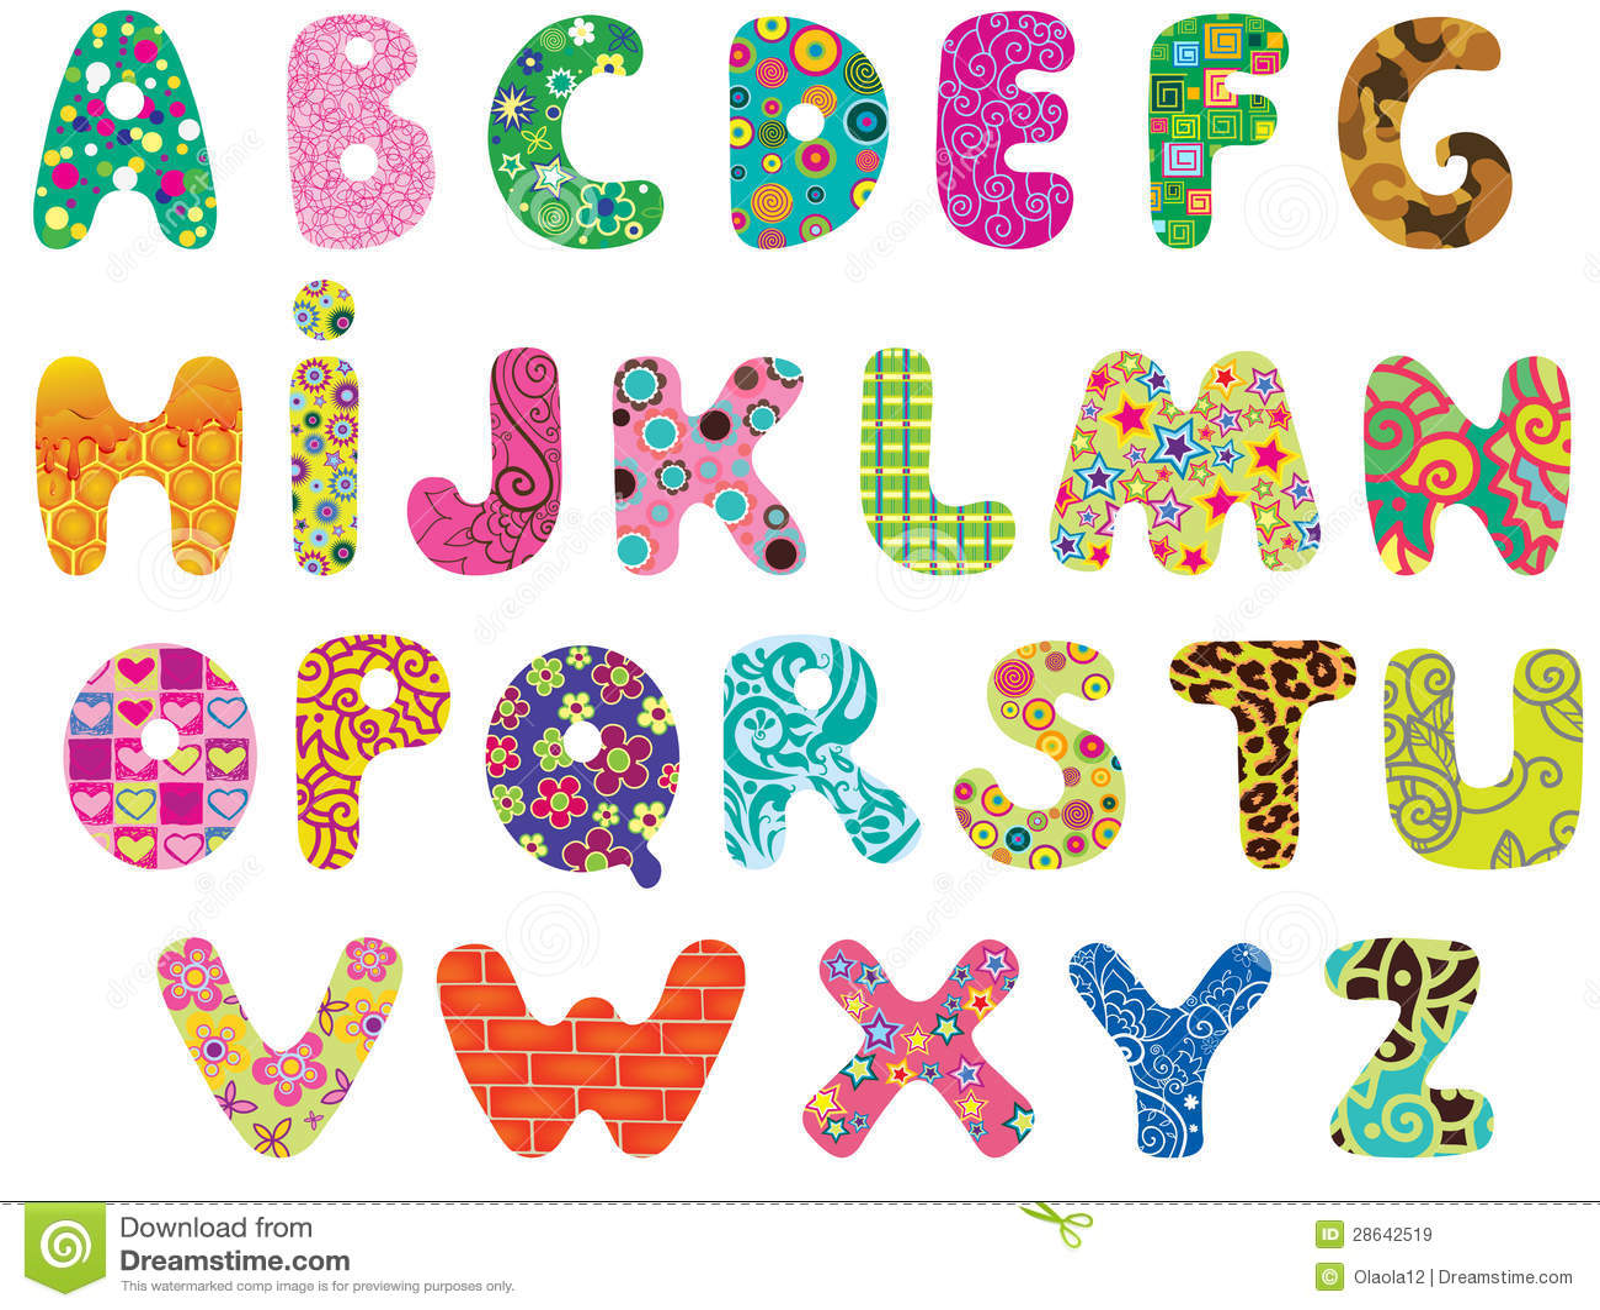 Cute Alphabet Letters Cute alphabet